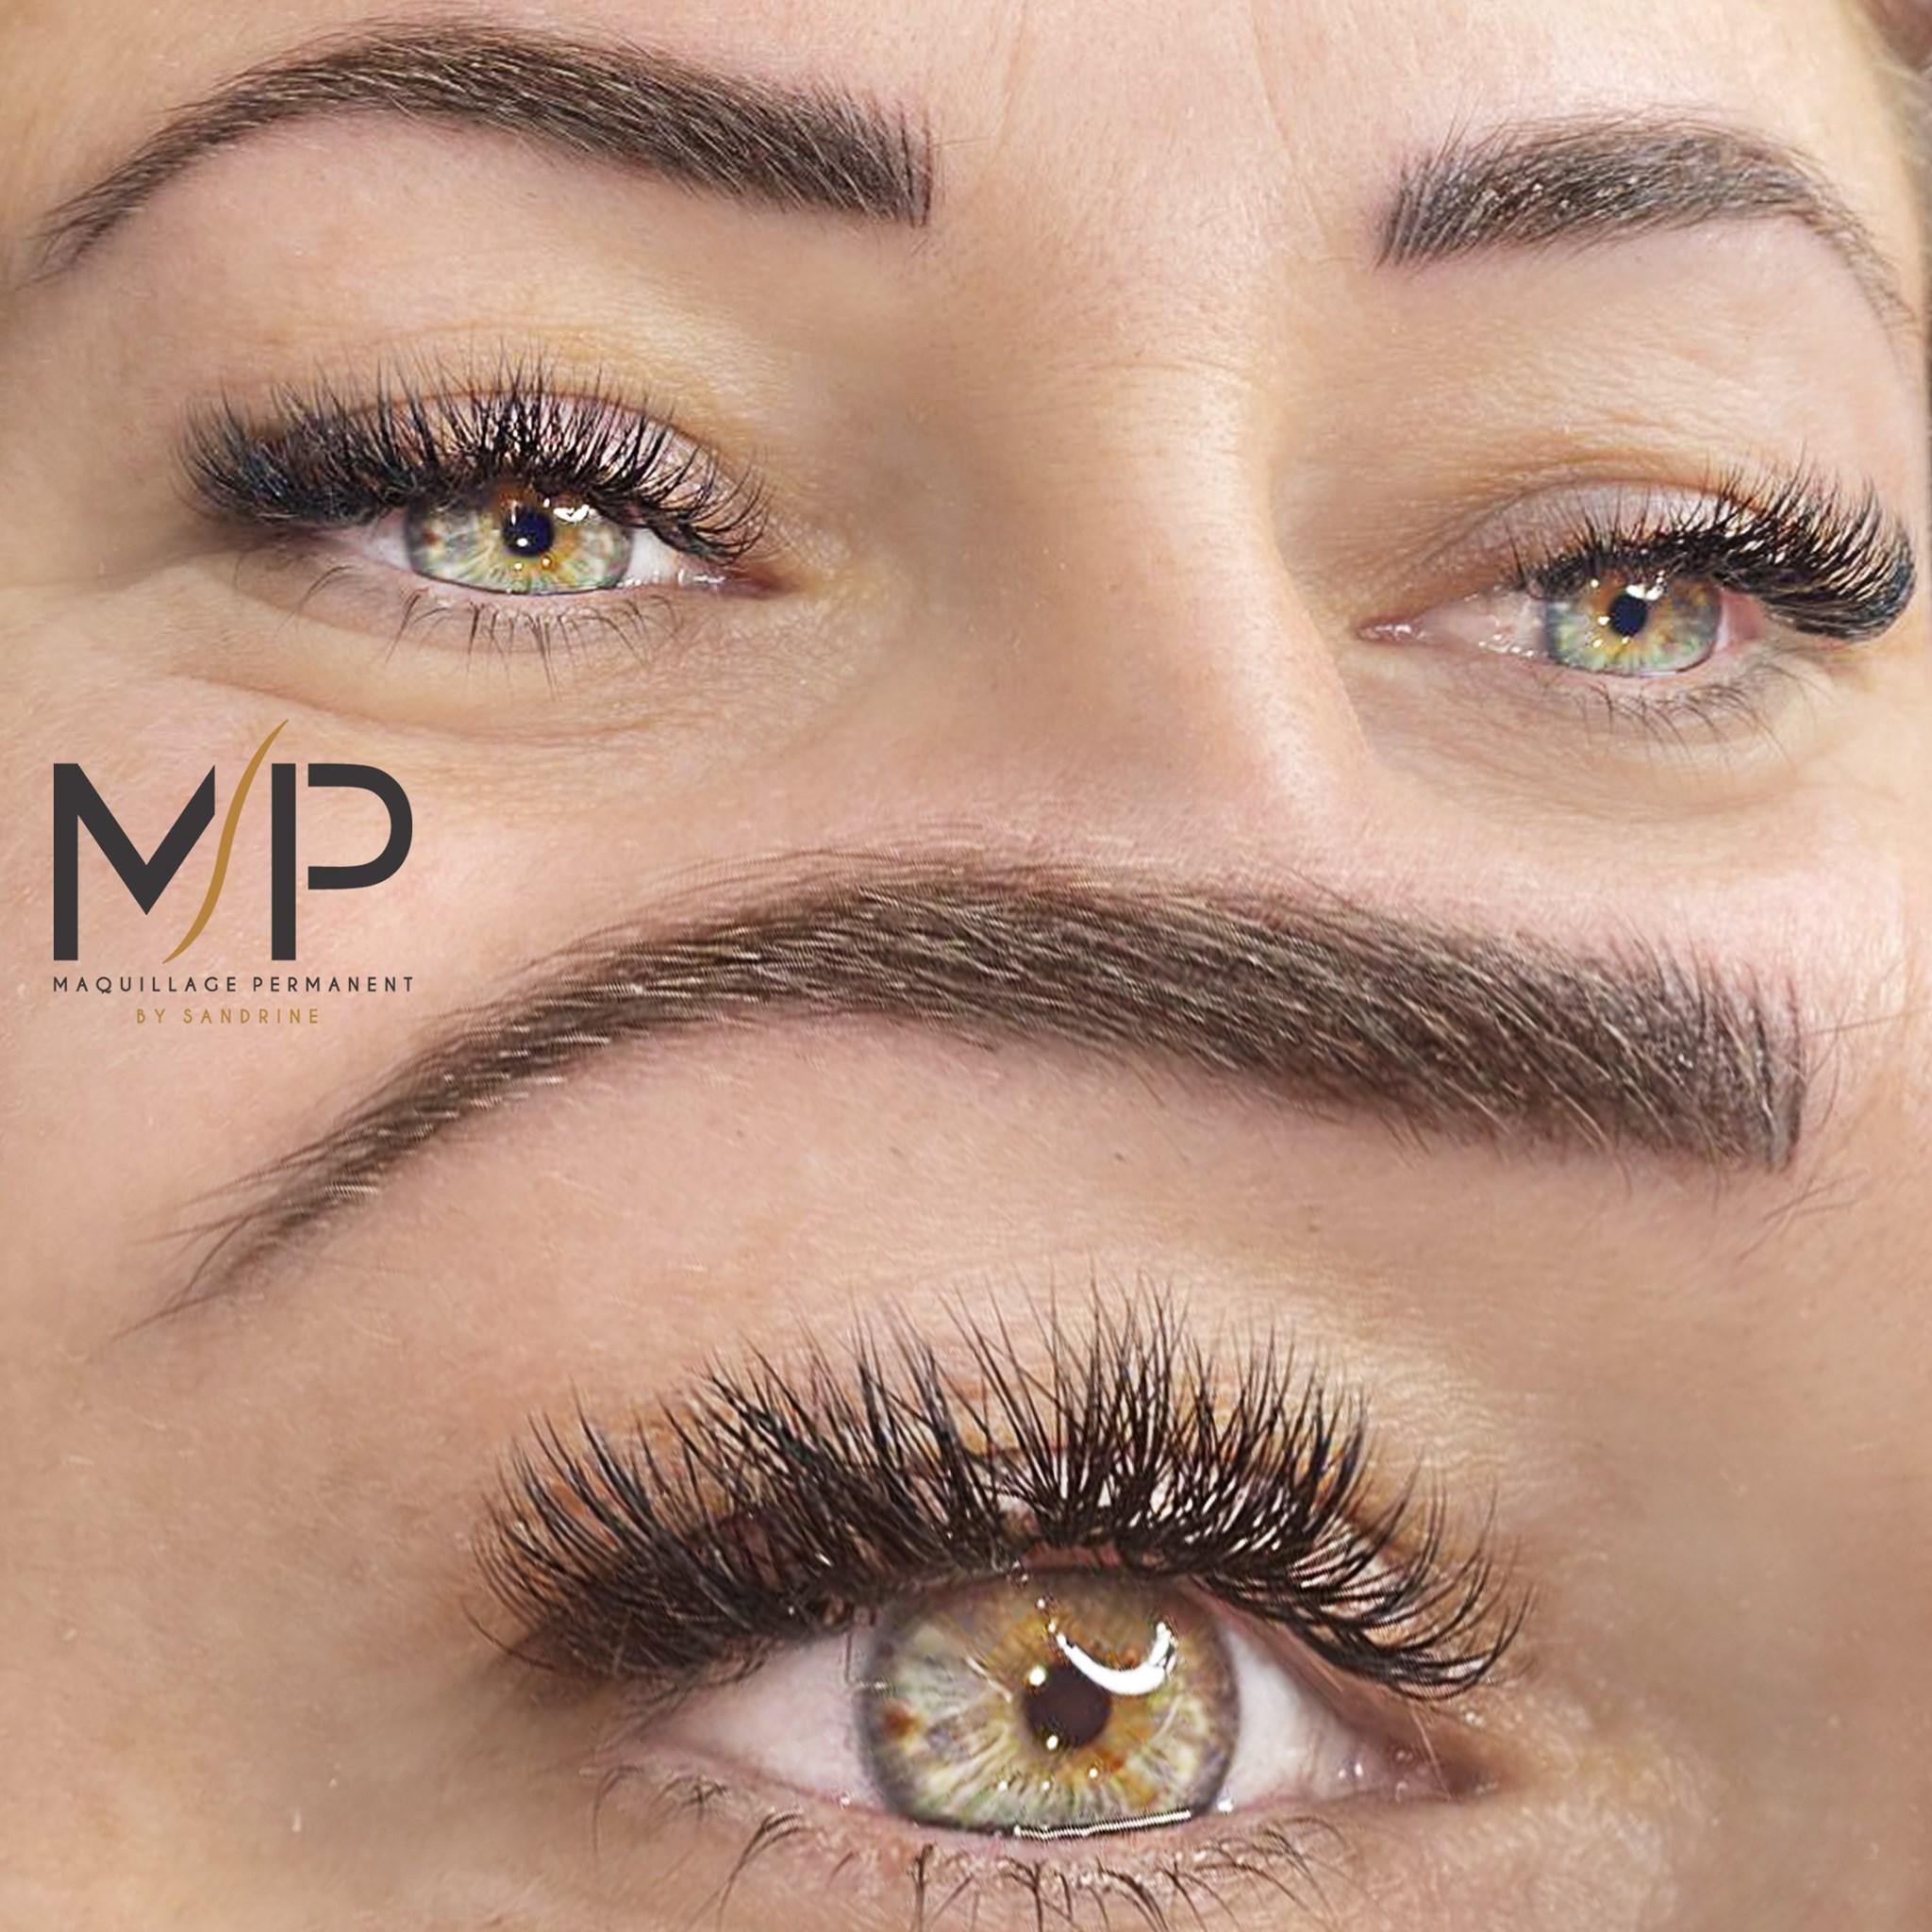 Extension de cils à Montpellier - Maquillage permanent by Sandrine